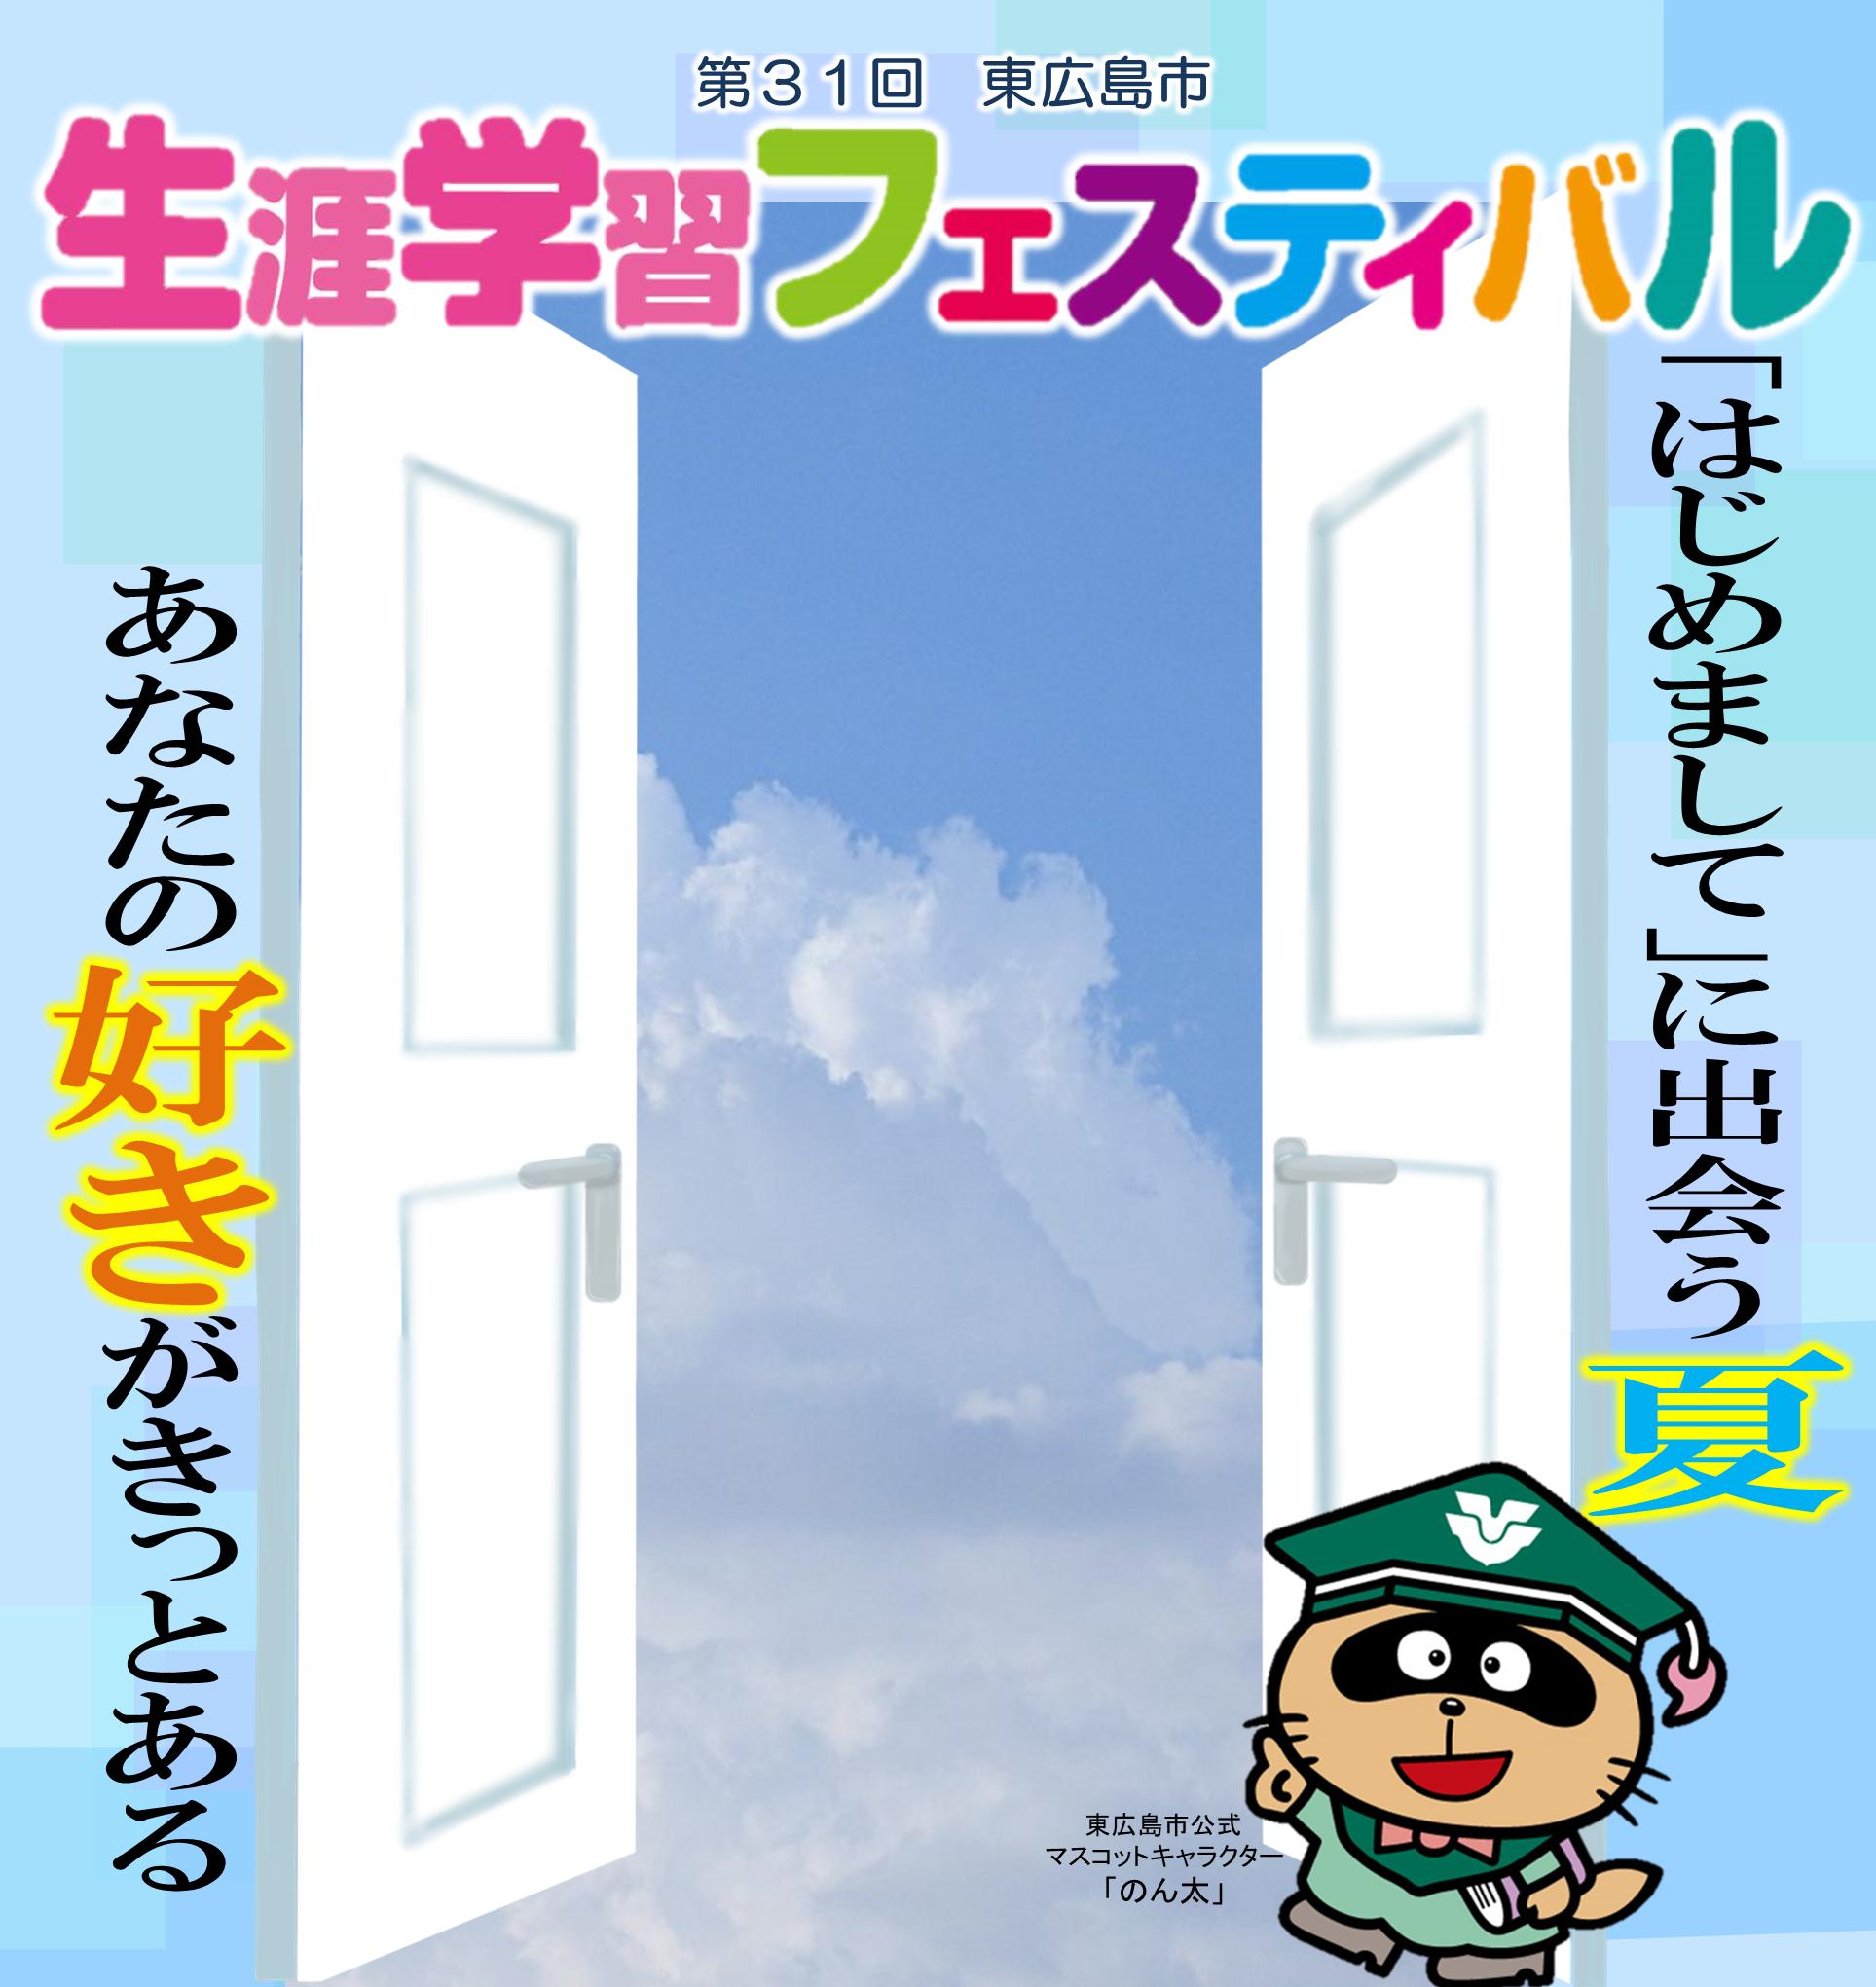 第31回東広島市生涯学習フェスティバル 「はじめまして」に出会う夏~あなたの好きがきっとある